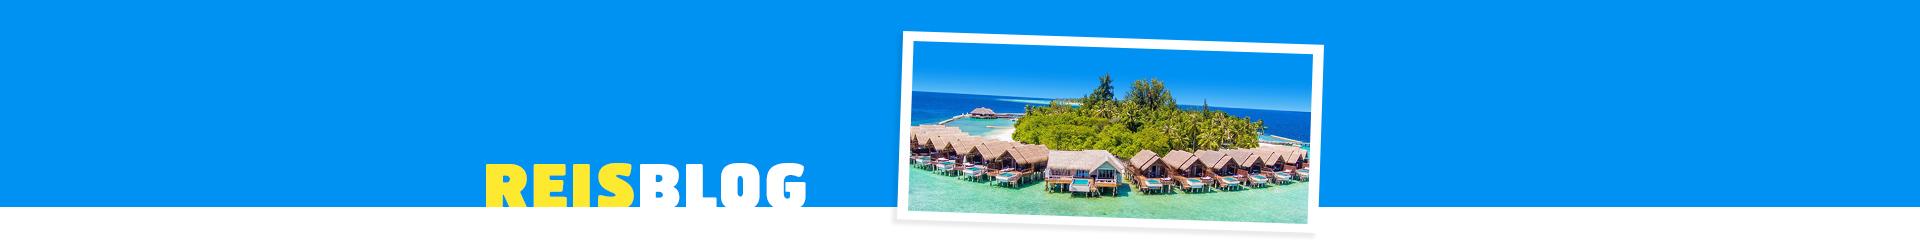 Prachhtige vakantie huizen in de azuurblauwe zee met een groen hart in het midden .